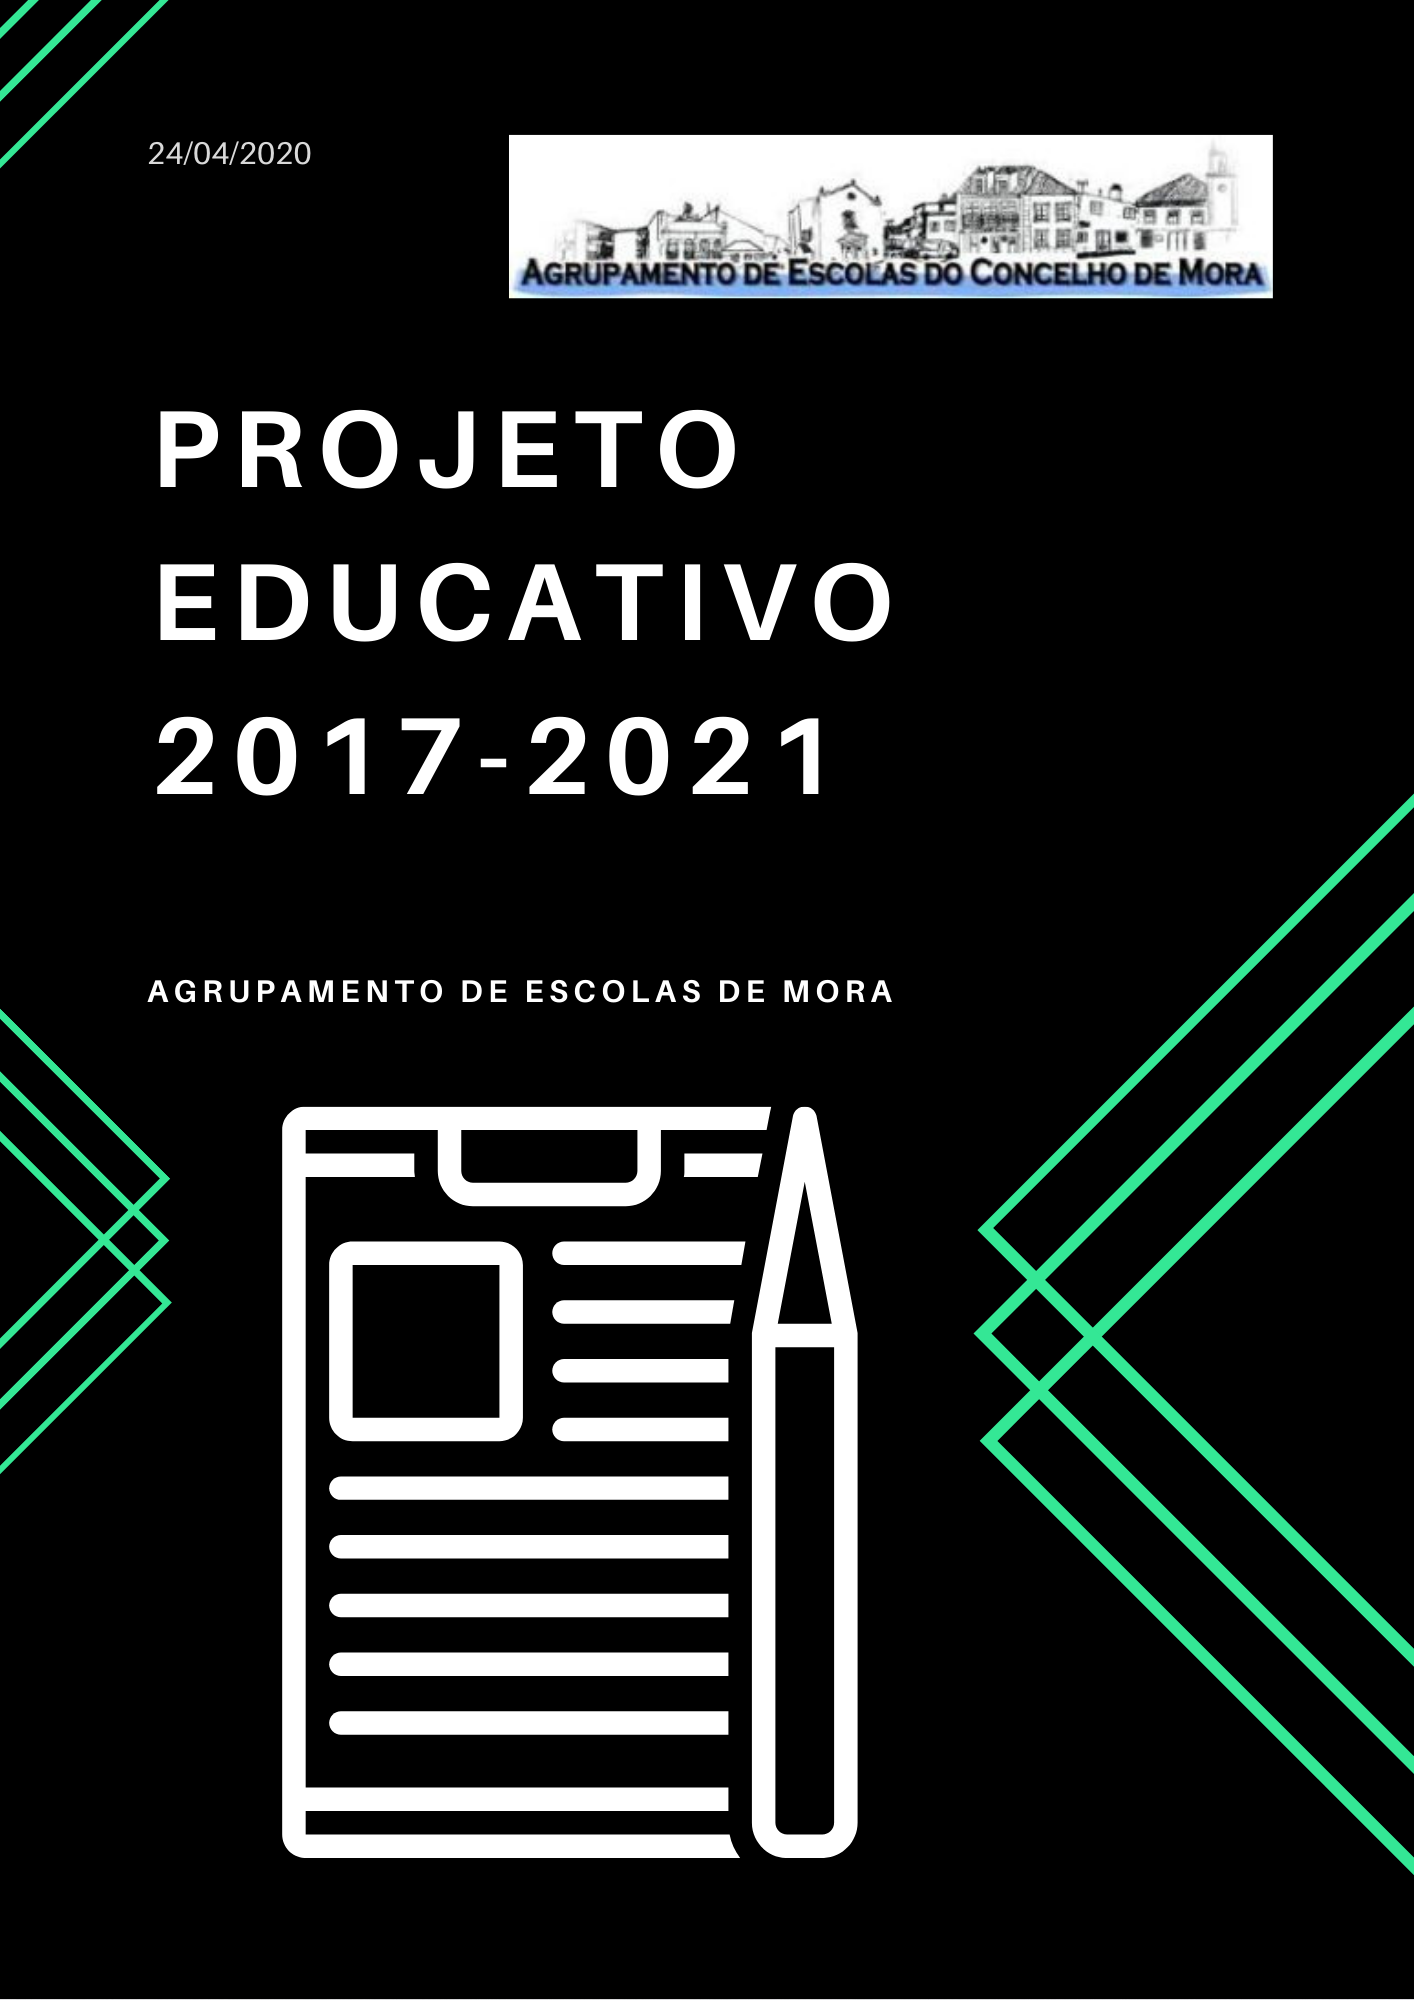 .: Projeto Educativo :.